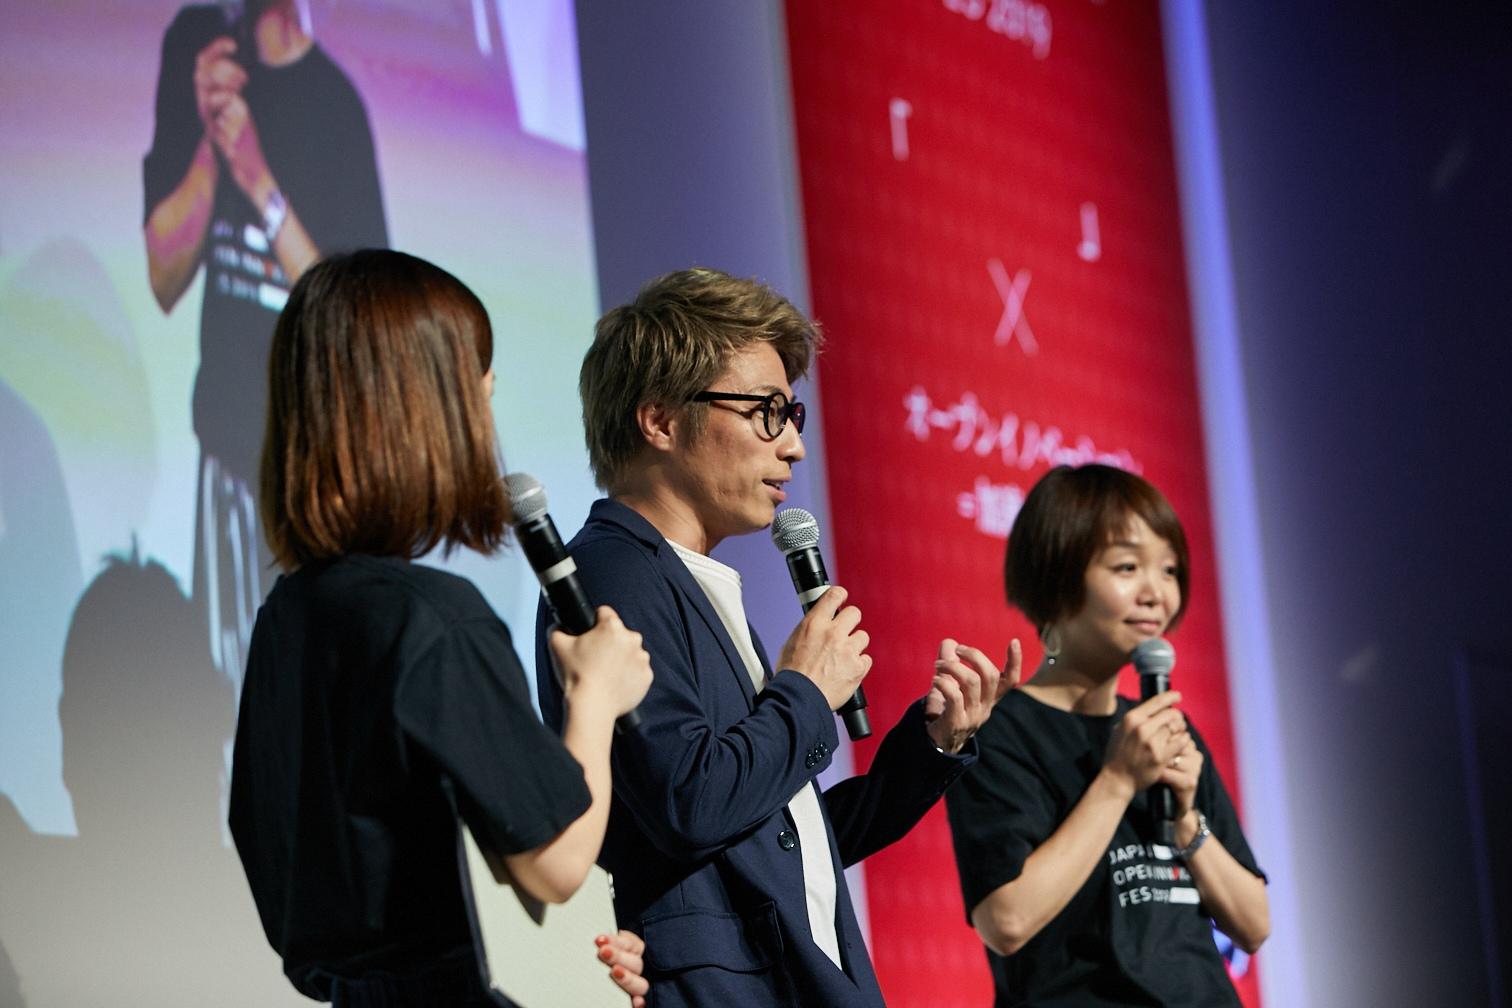 大企業8社がその場で連携を判断するピッチイベントに田村淳氏登場!スタートアップとの共創で「AI司会者」を創出!?